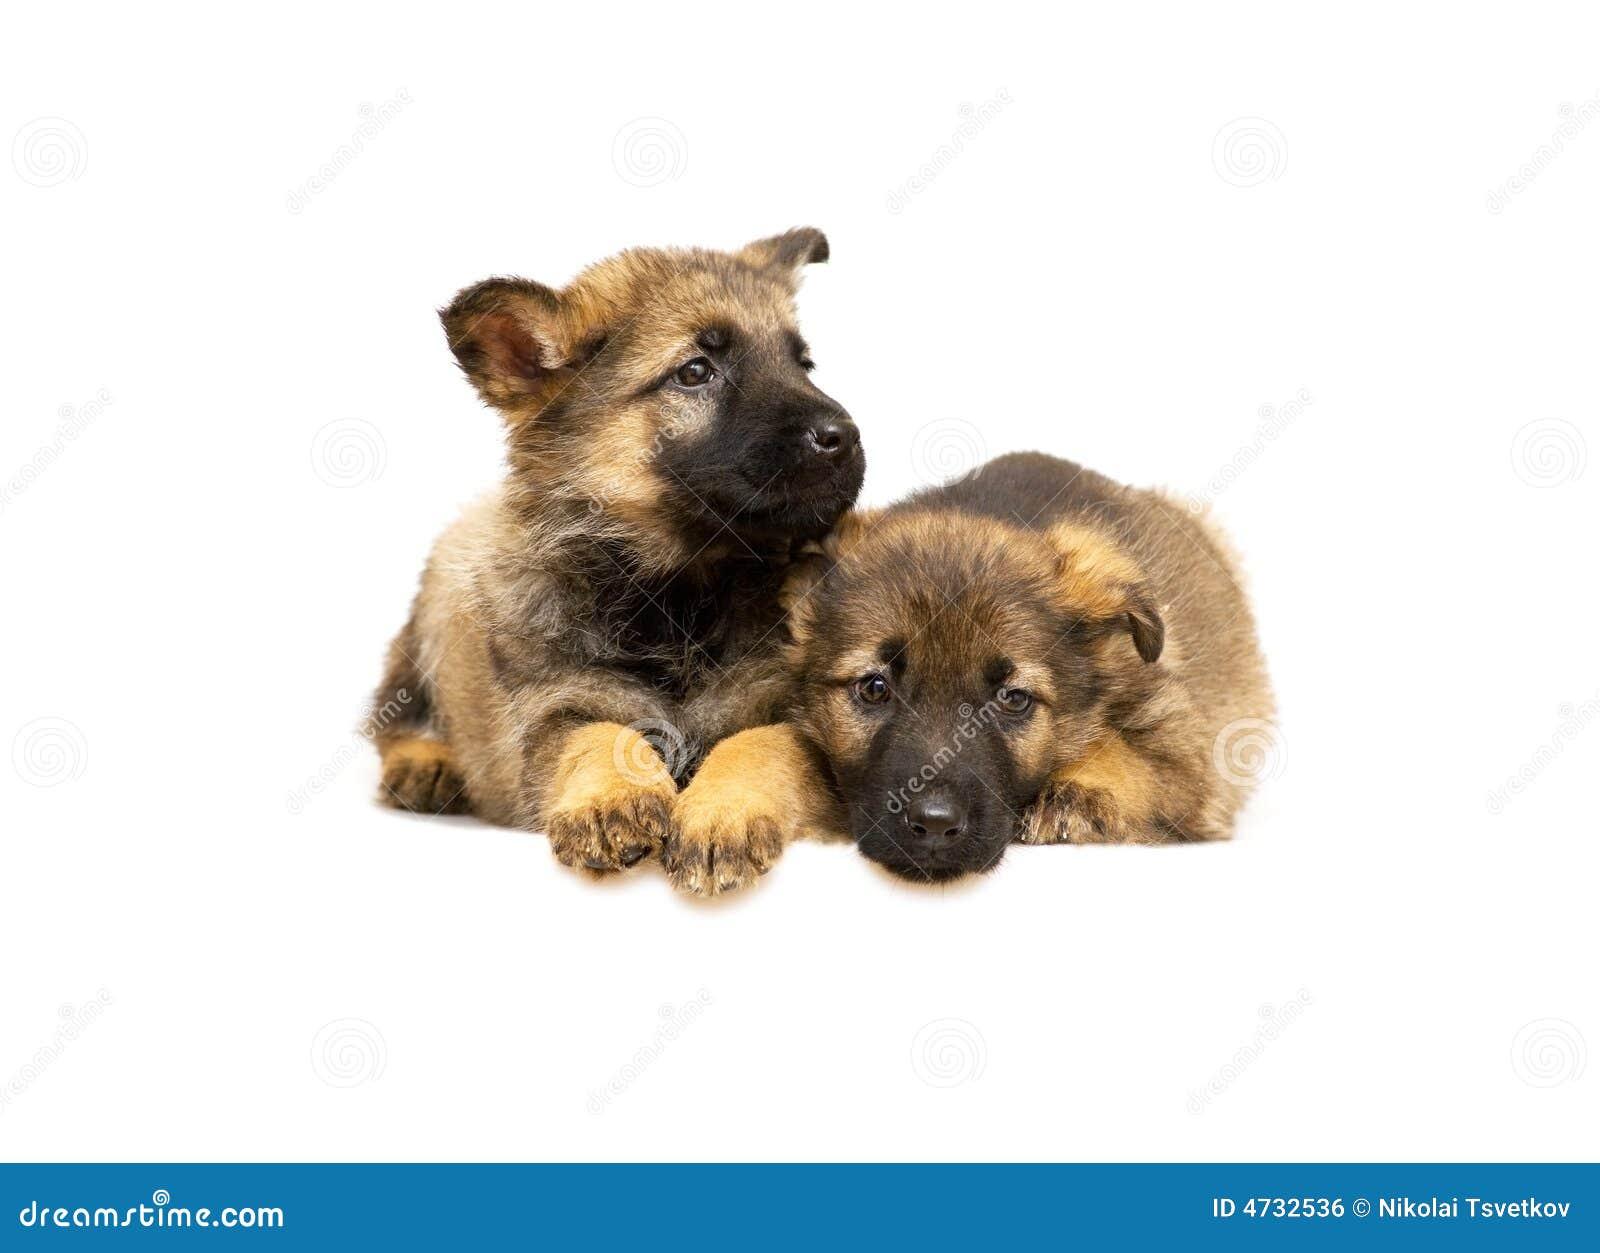 Perritos del perro pastor de Alemania